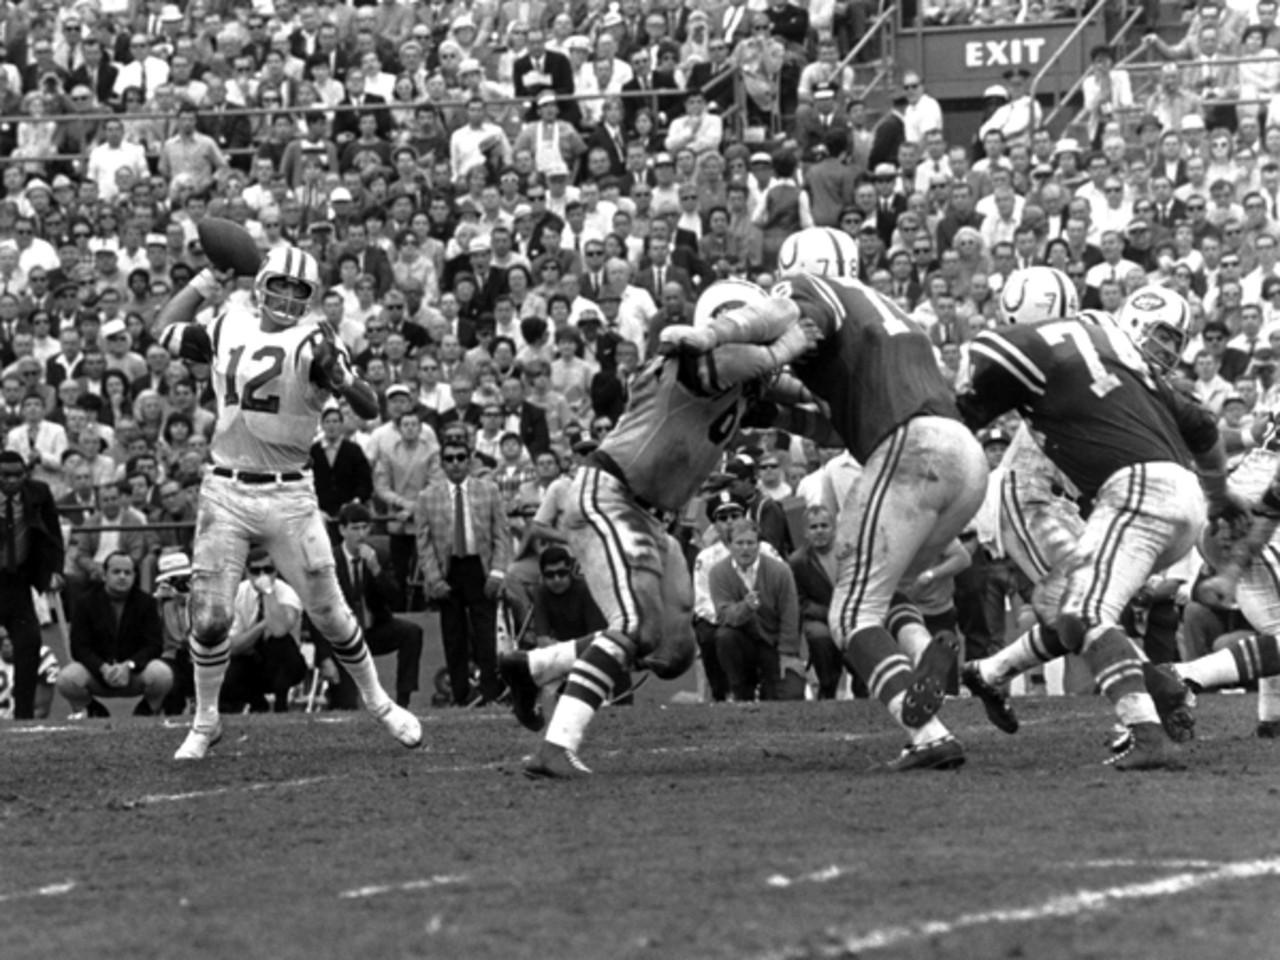 Jets não levam o Vince Lombardi desde janeiro de 1969